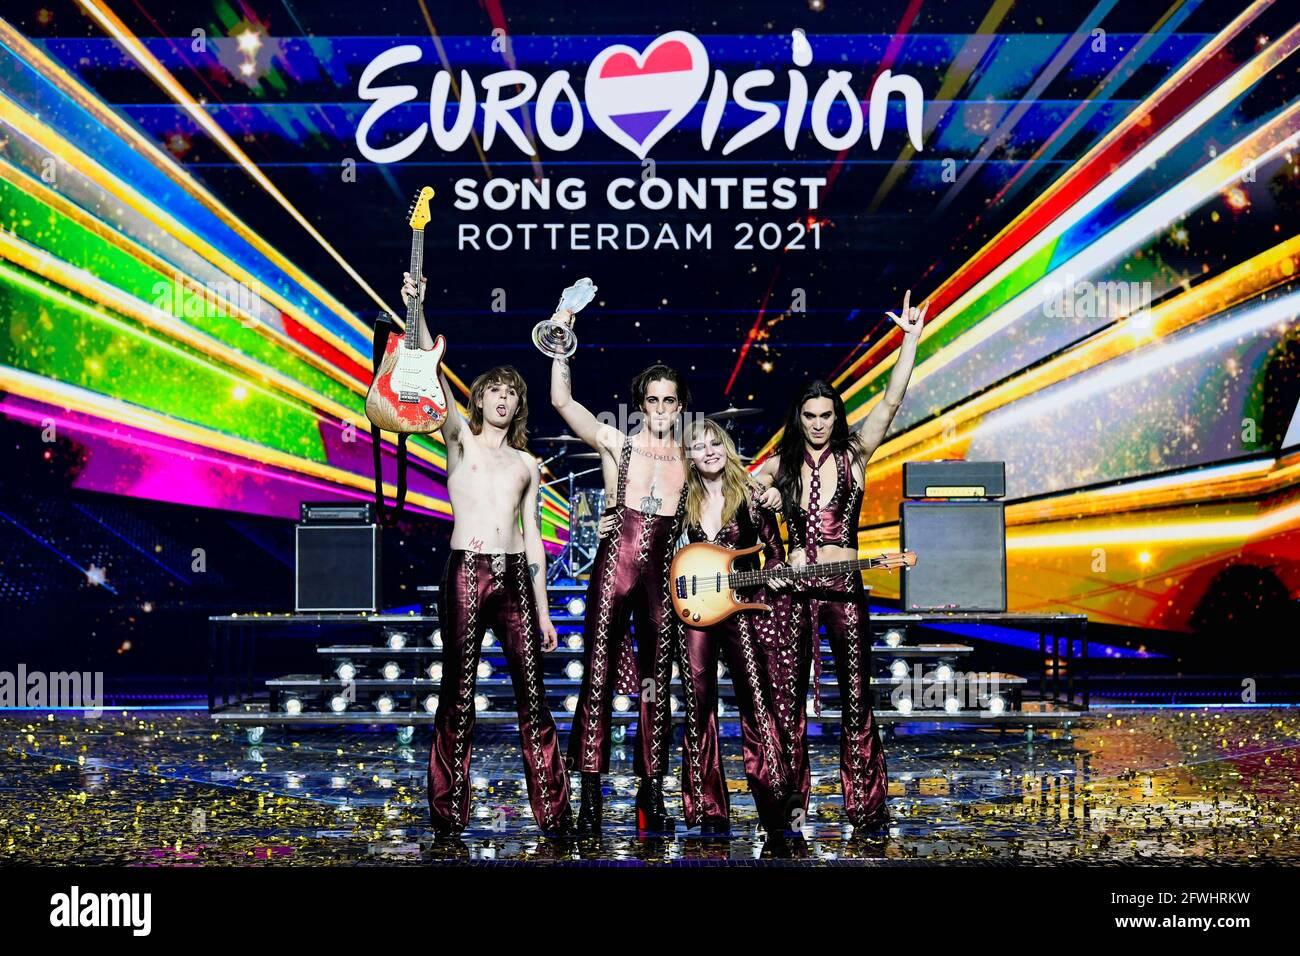 Maneskin aus Italien tritt nach dem Gewinn des Eurovision Song Contest 2021 in Rotterdam, Niederlande, am 23. Mai 2021 auf der Bühne auf. REUTERS/Piroschka van de Wouw Stockfoto